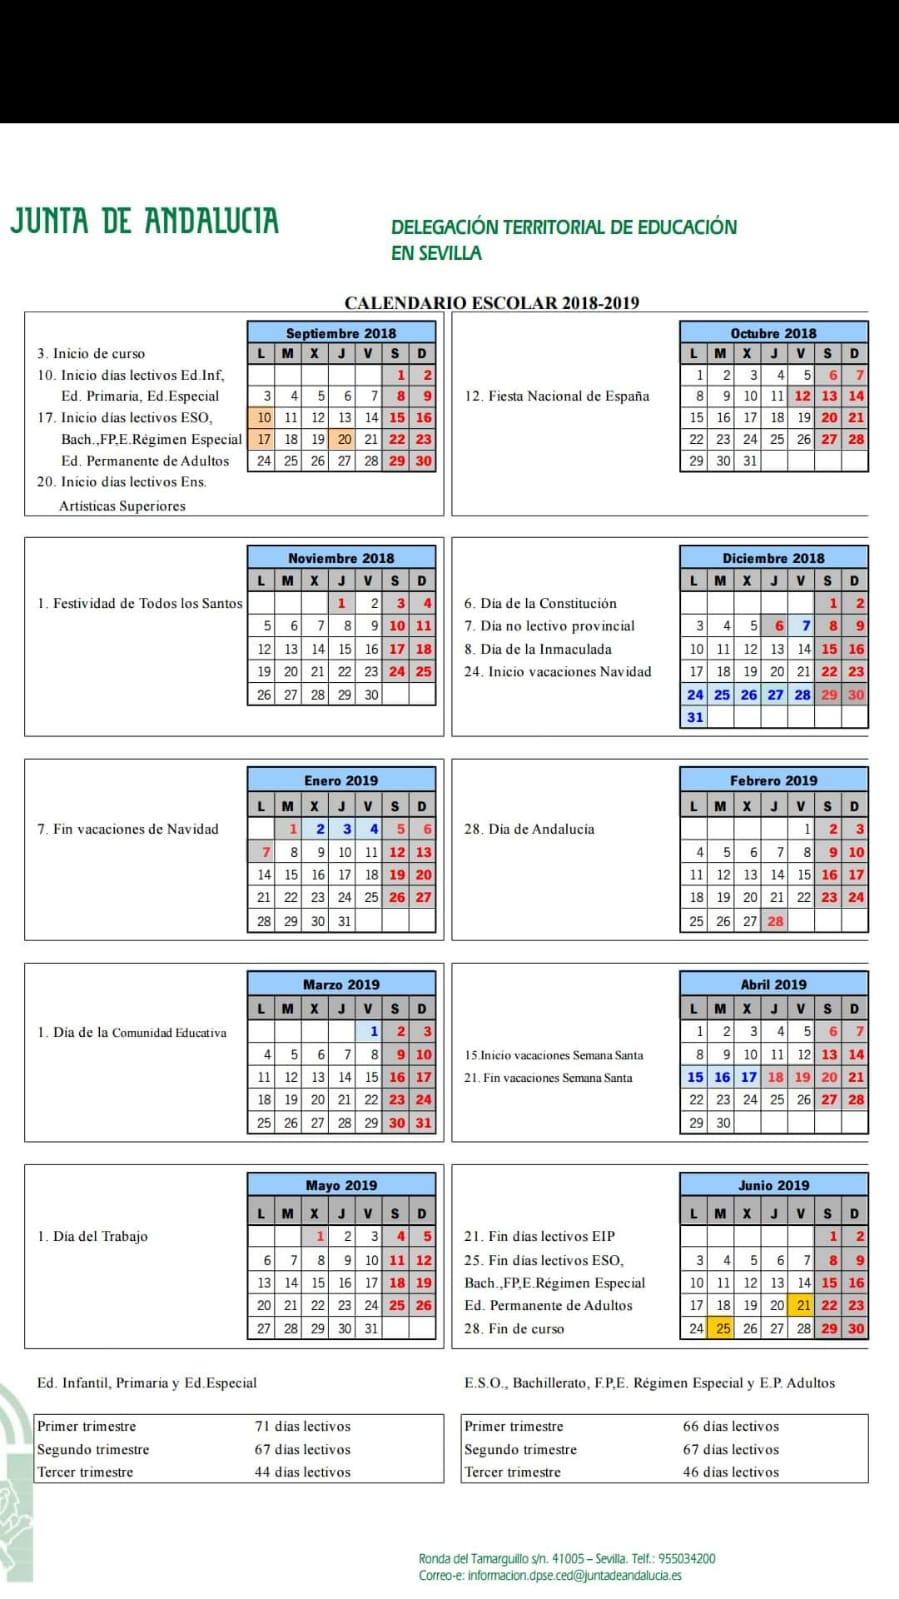 CalendarioEscolar2018_19